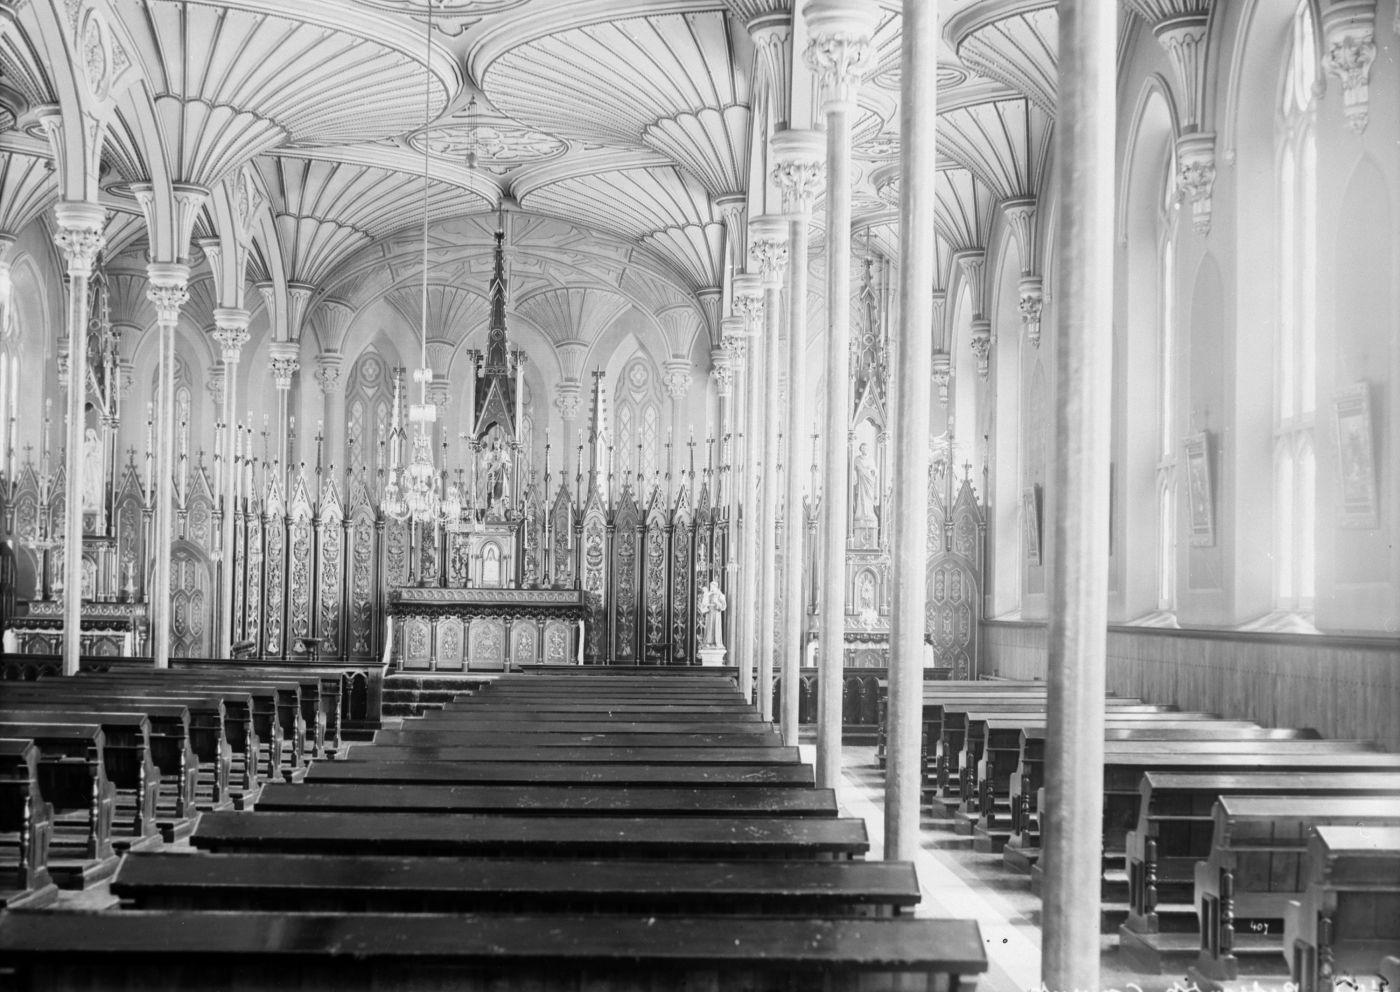 Photographie en noir et blanc de l'intérieur d'une petite église, où s'alignent de nombreux bancs. Son plafond à voûtes en éventail en bois sculpté est soutenu par de fines colonnes. L'autel est très orné.